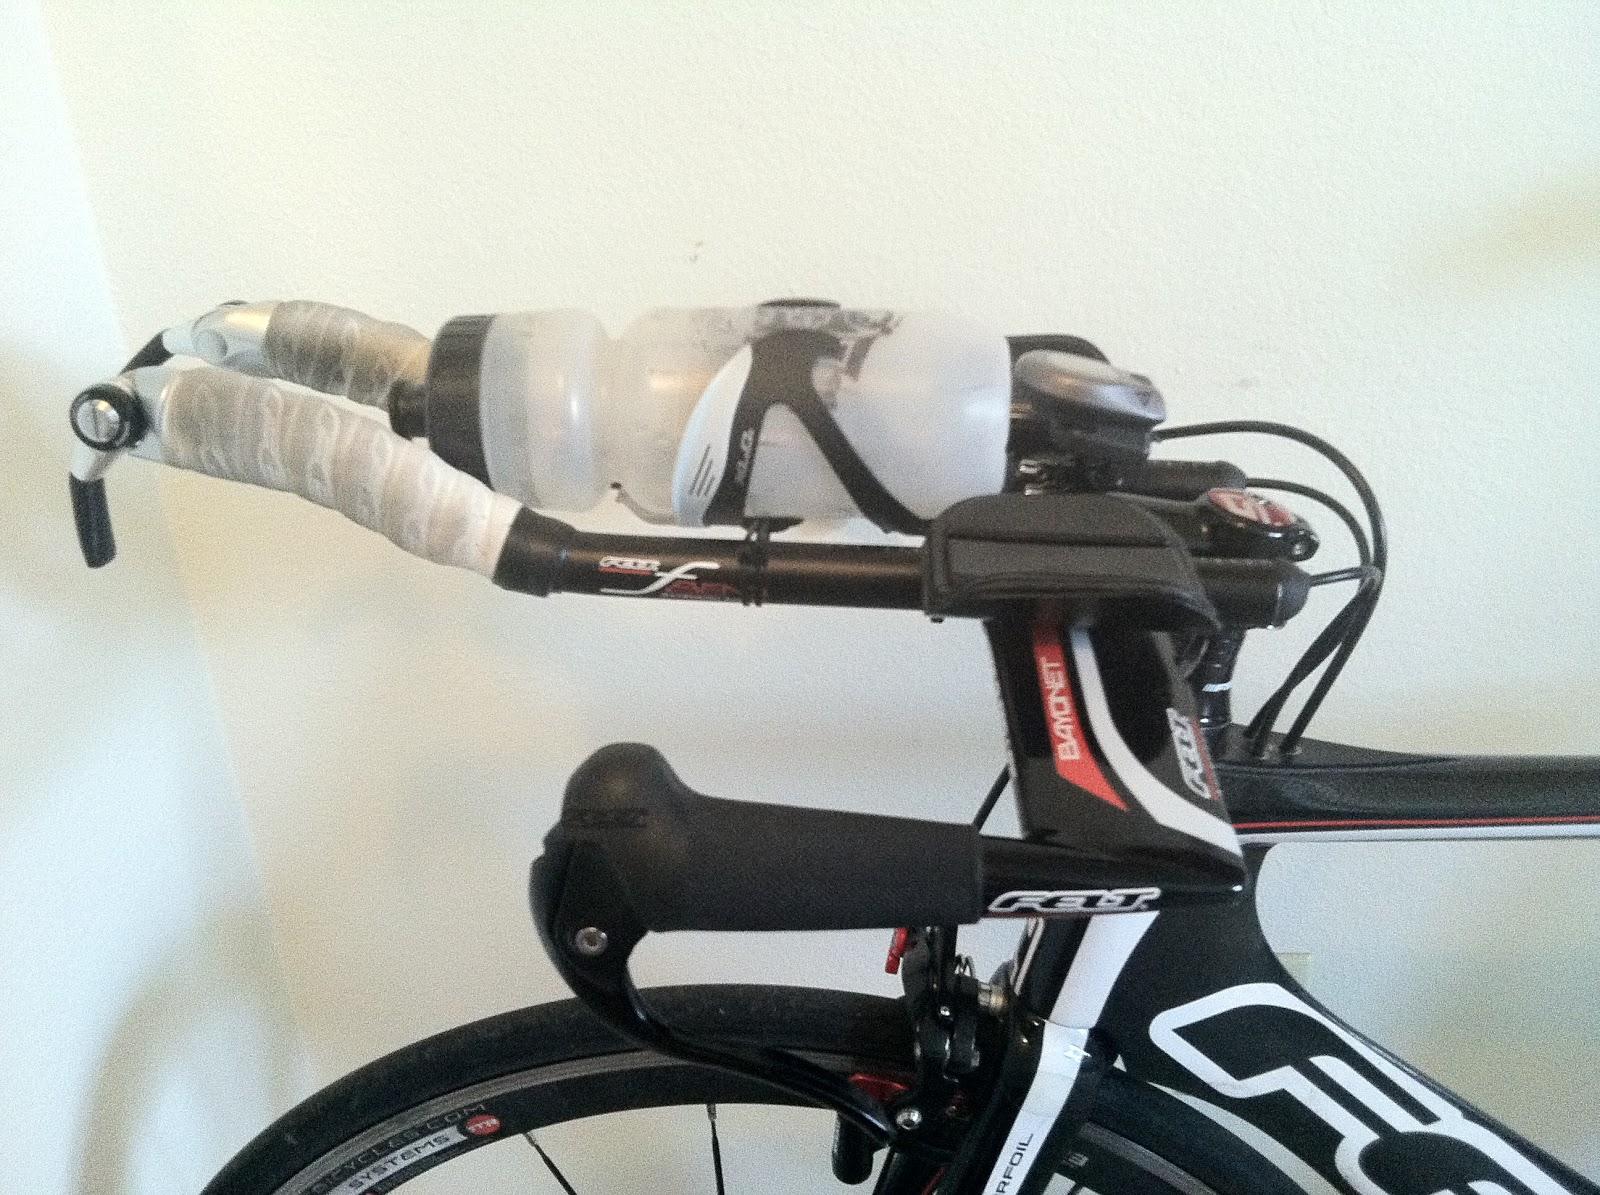 Profile Design KA8 Kage Water Bottle Holder Cage Bike Bicycle Riding White